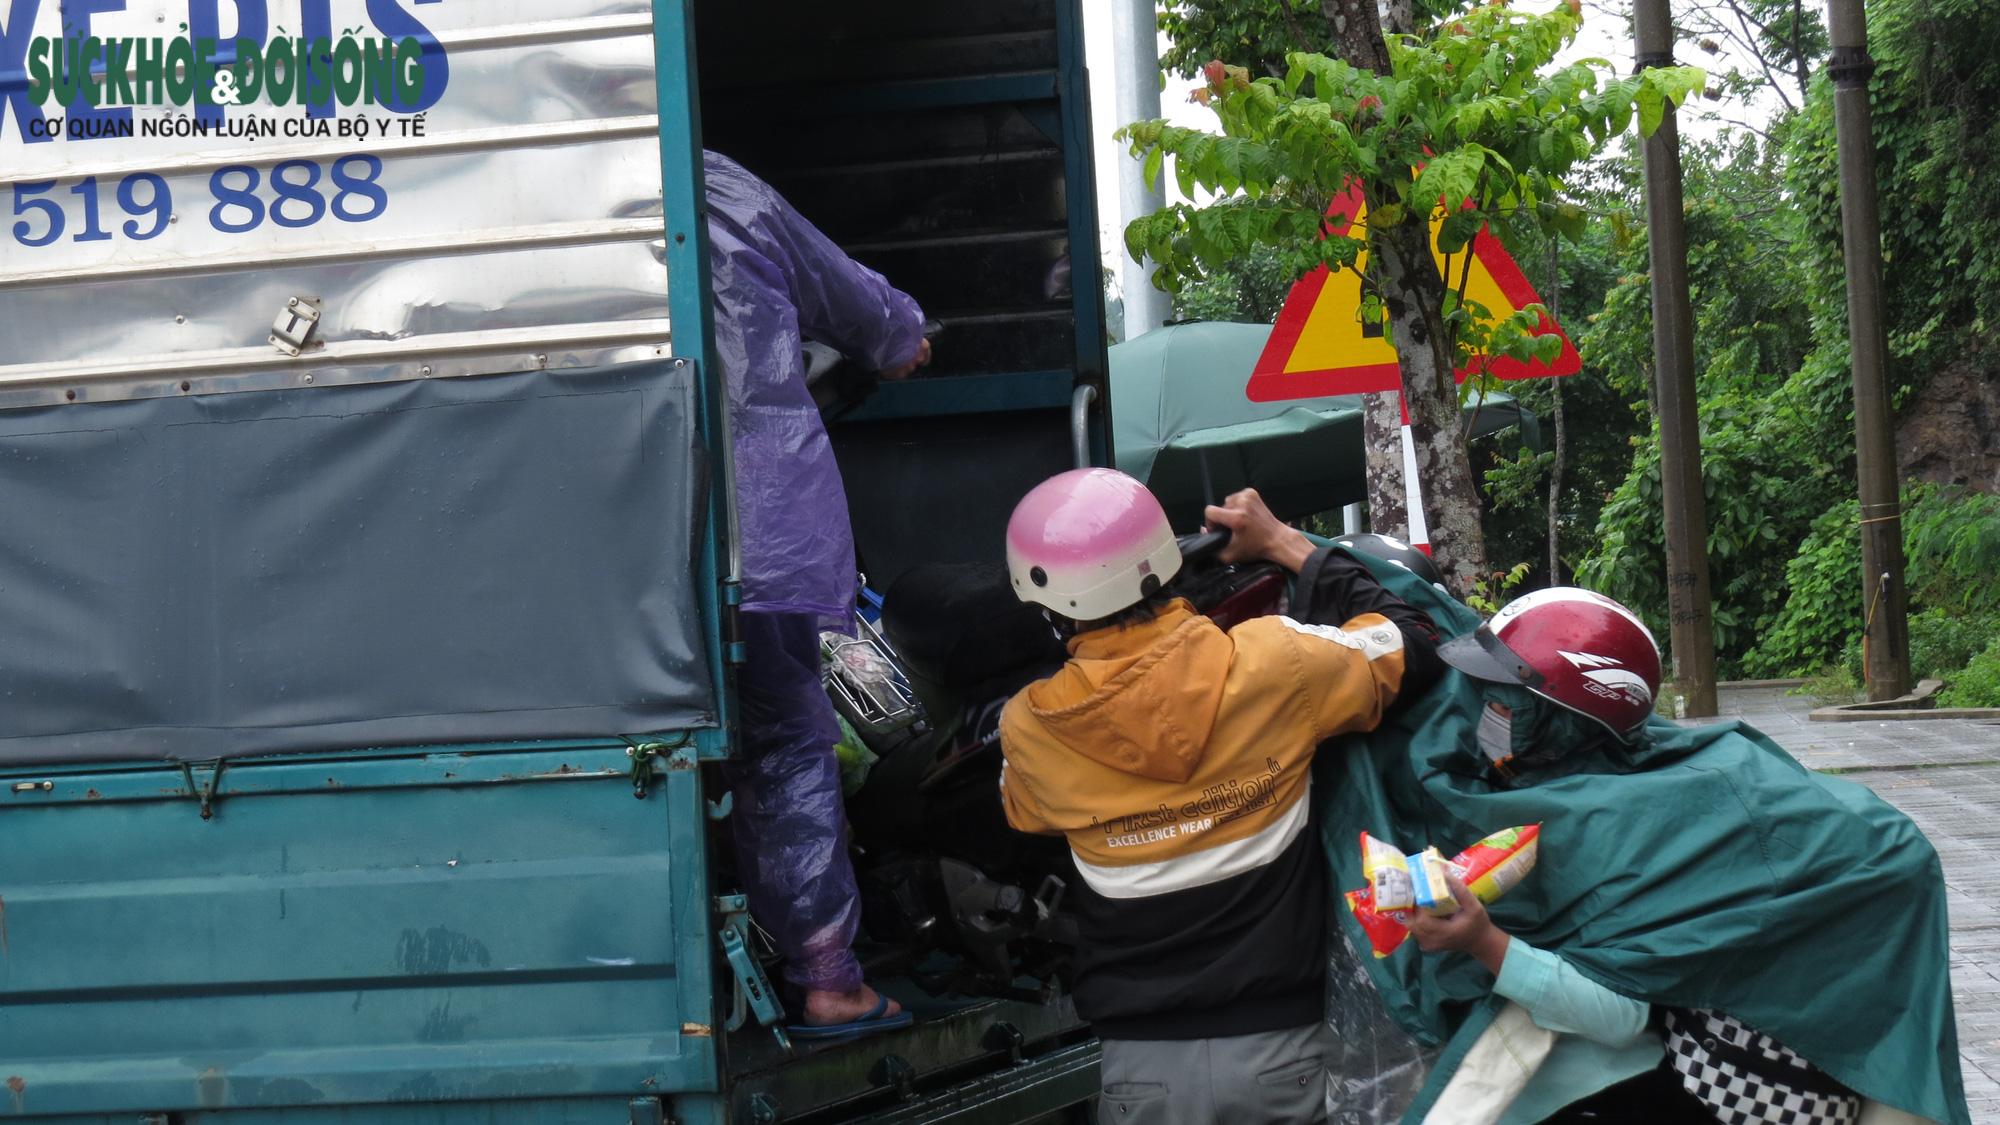 Nghệ An: Người dân về quê nên đăng ký với cơ quan chức năng sở tại - Ảnh 2.